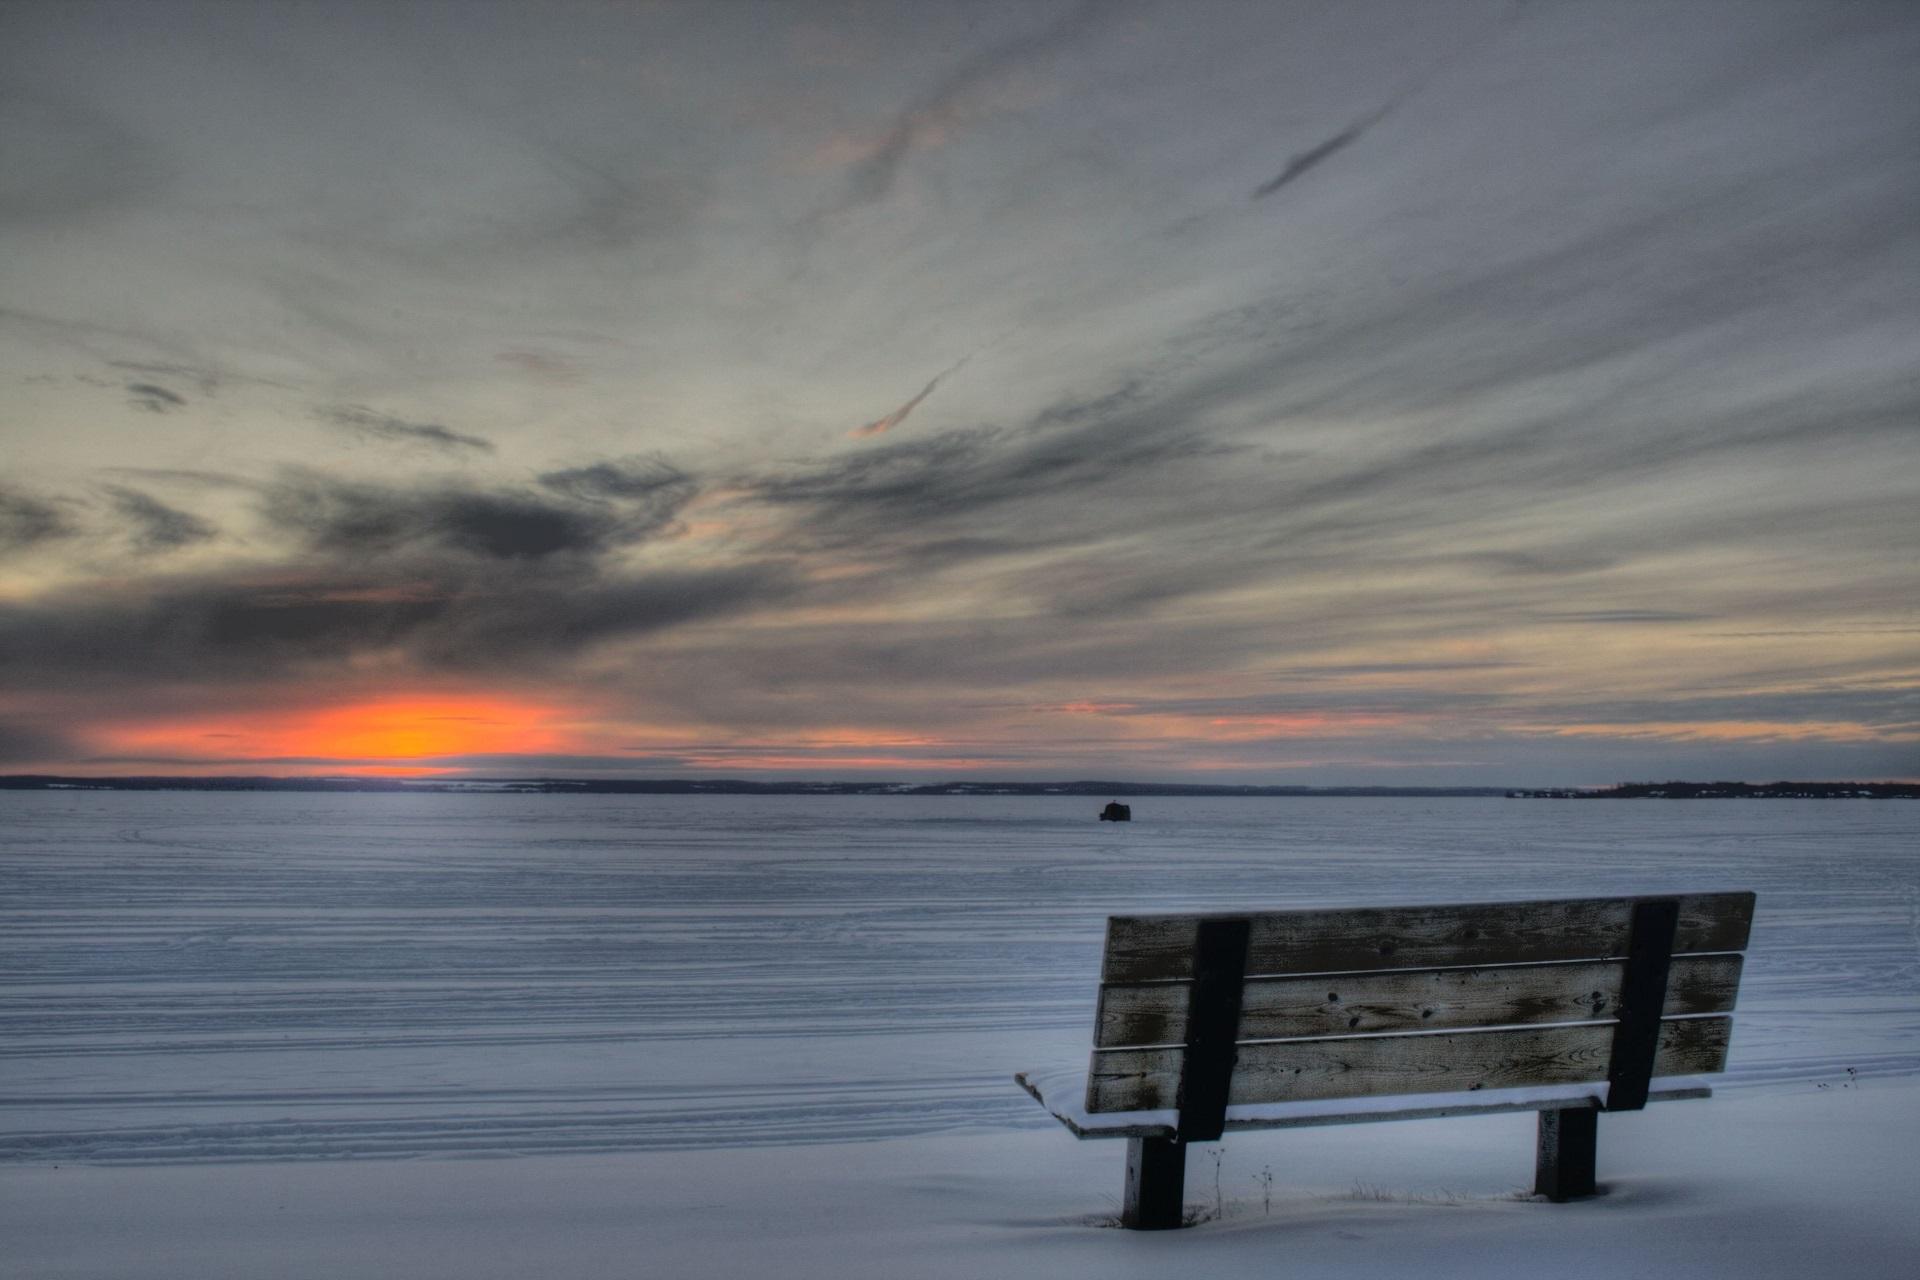 Sunrise on the shore photo